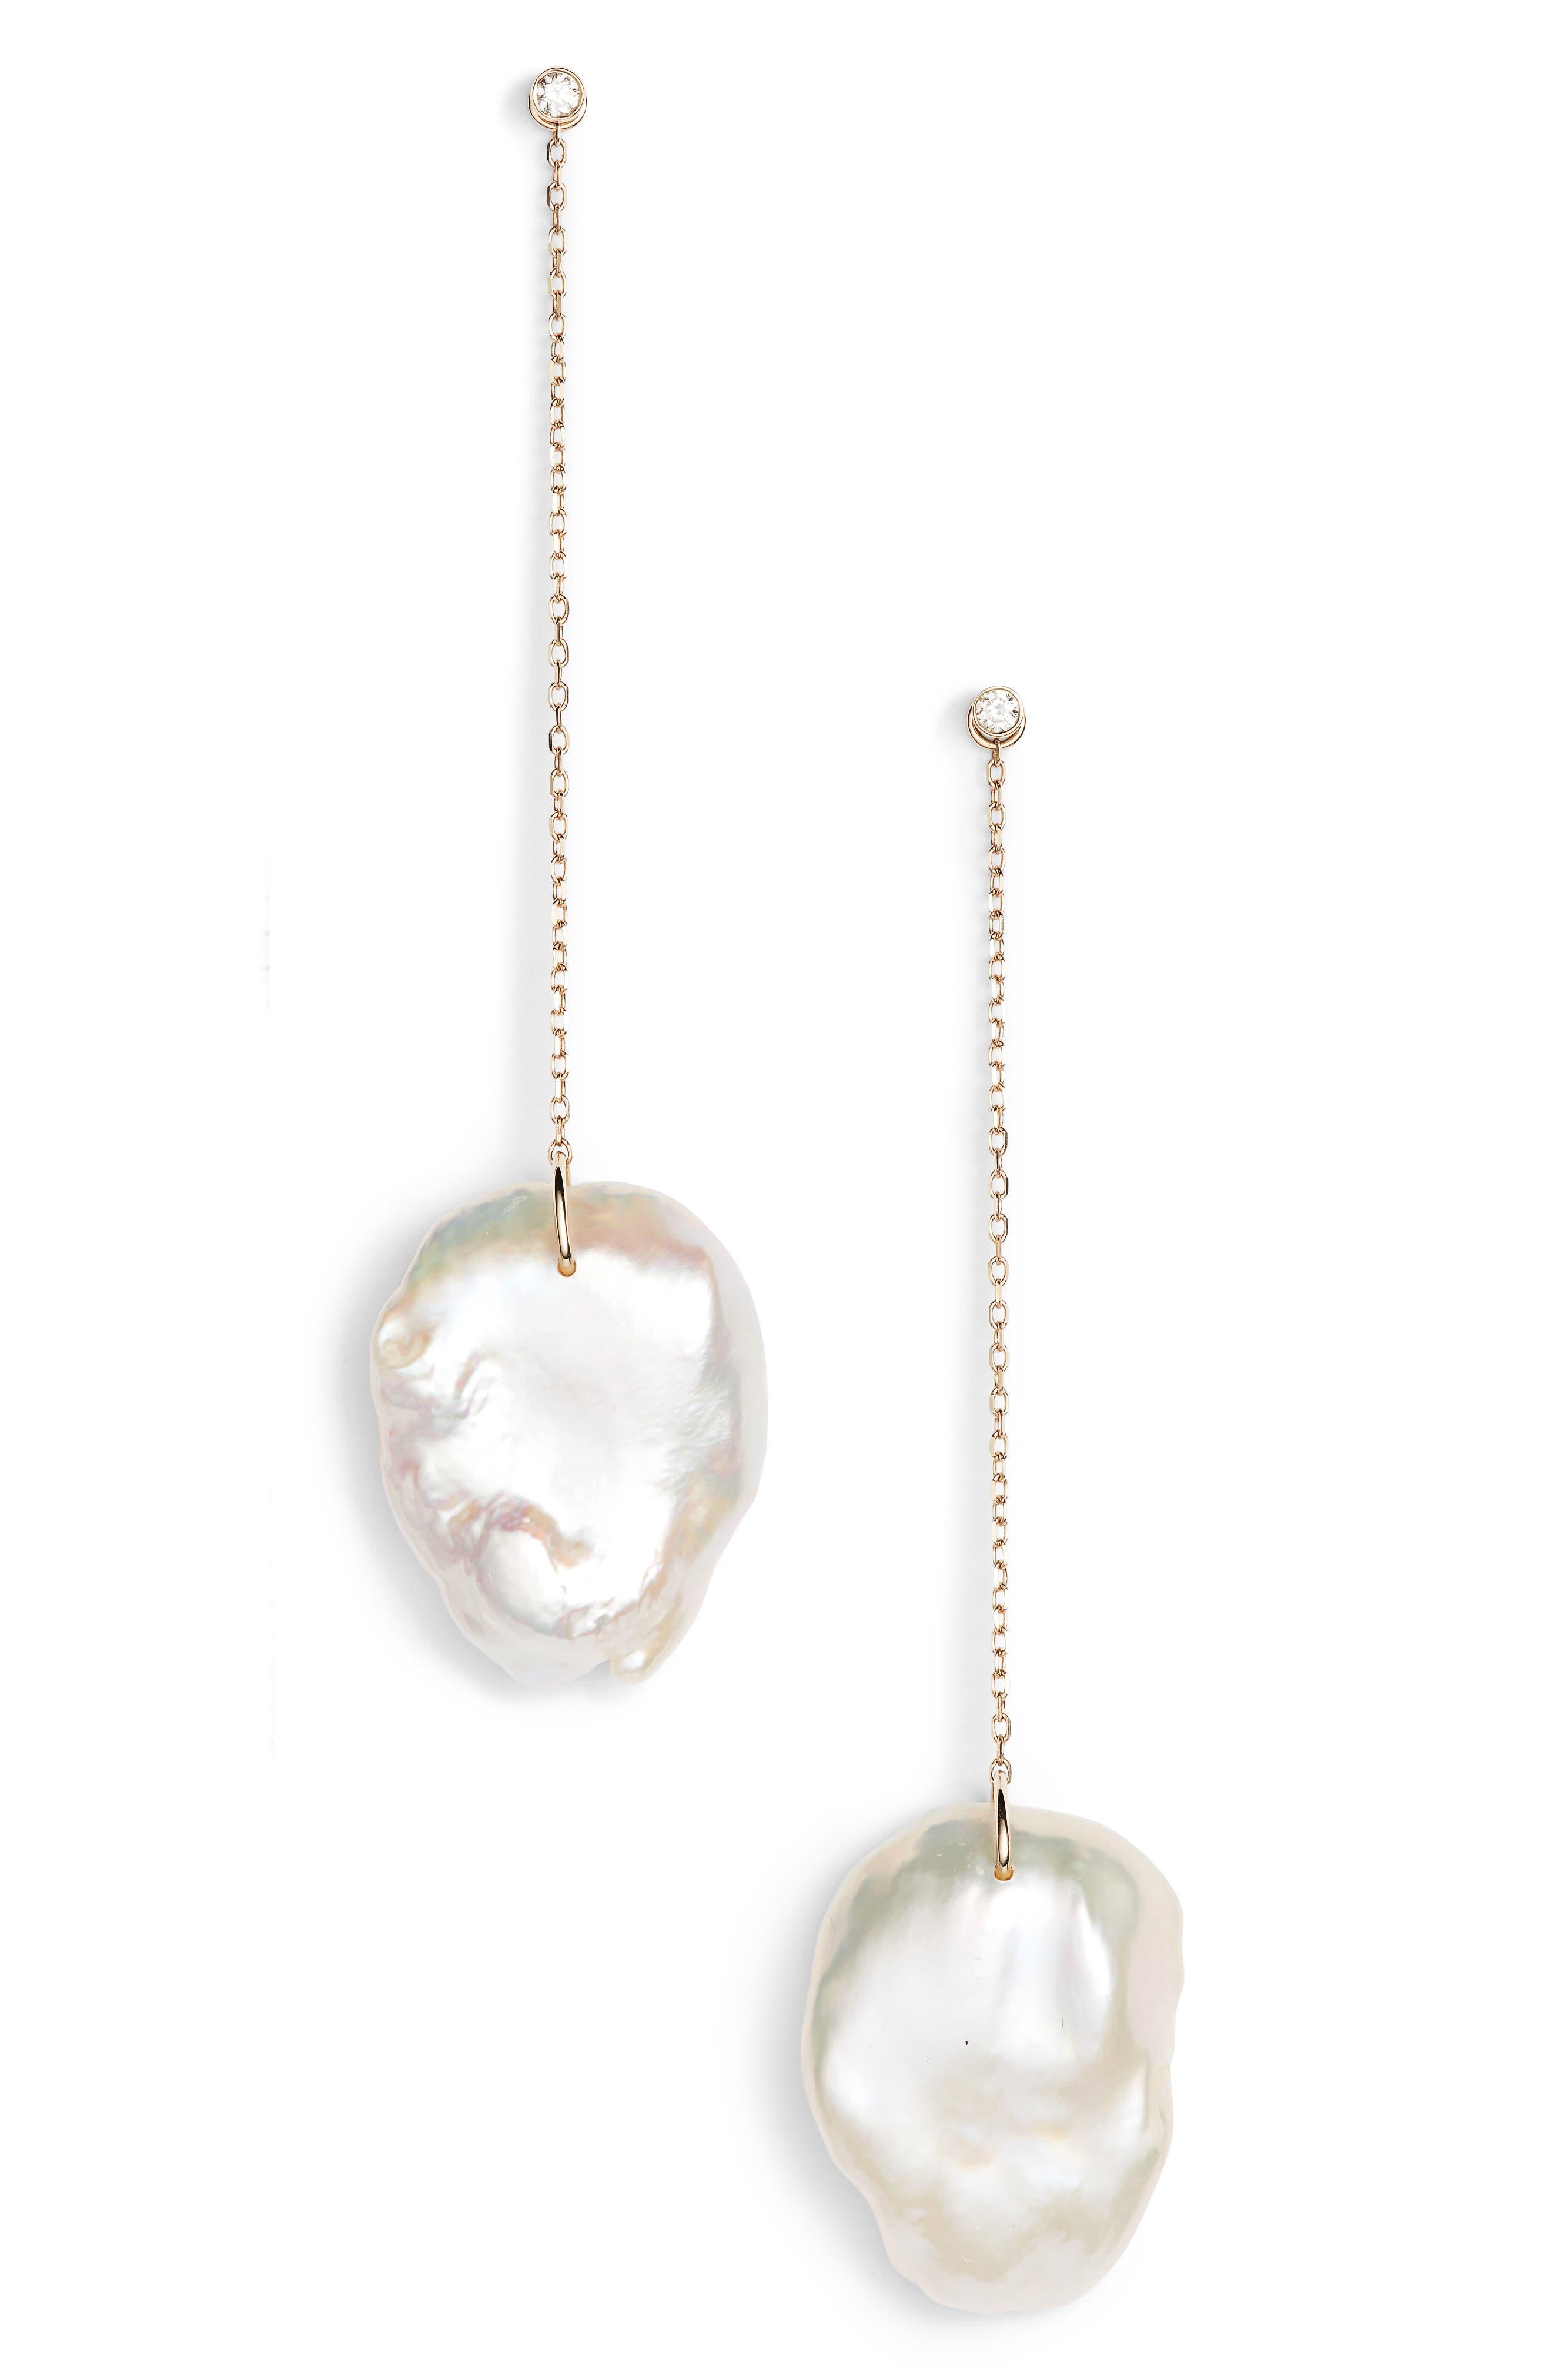 Flat Pearl & Diamond Linear Drop Earrings,                             Main thumbnail 1, color,                             YELLOW GOLD/ PEARL